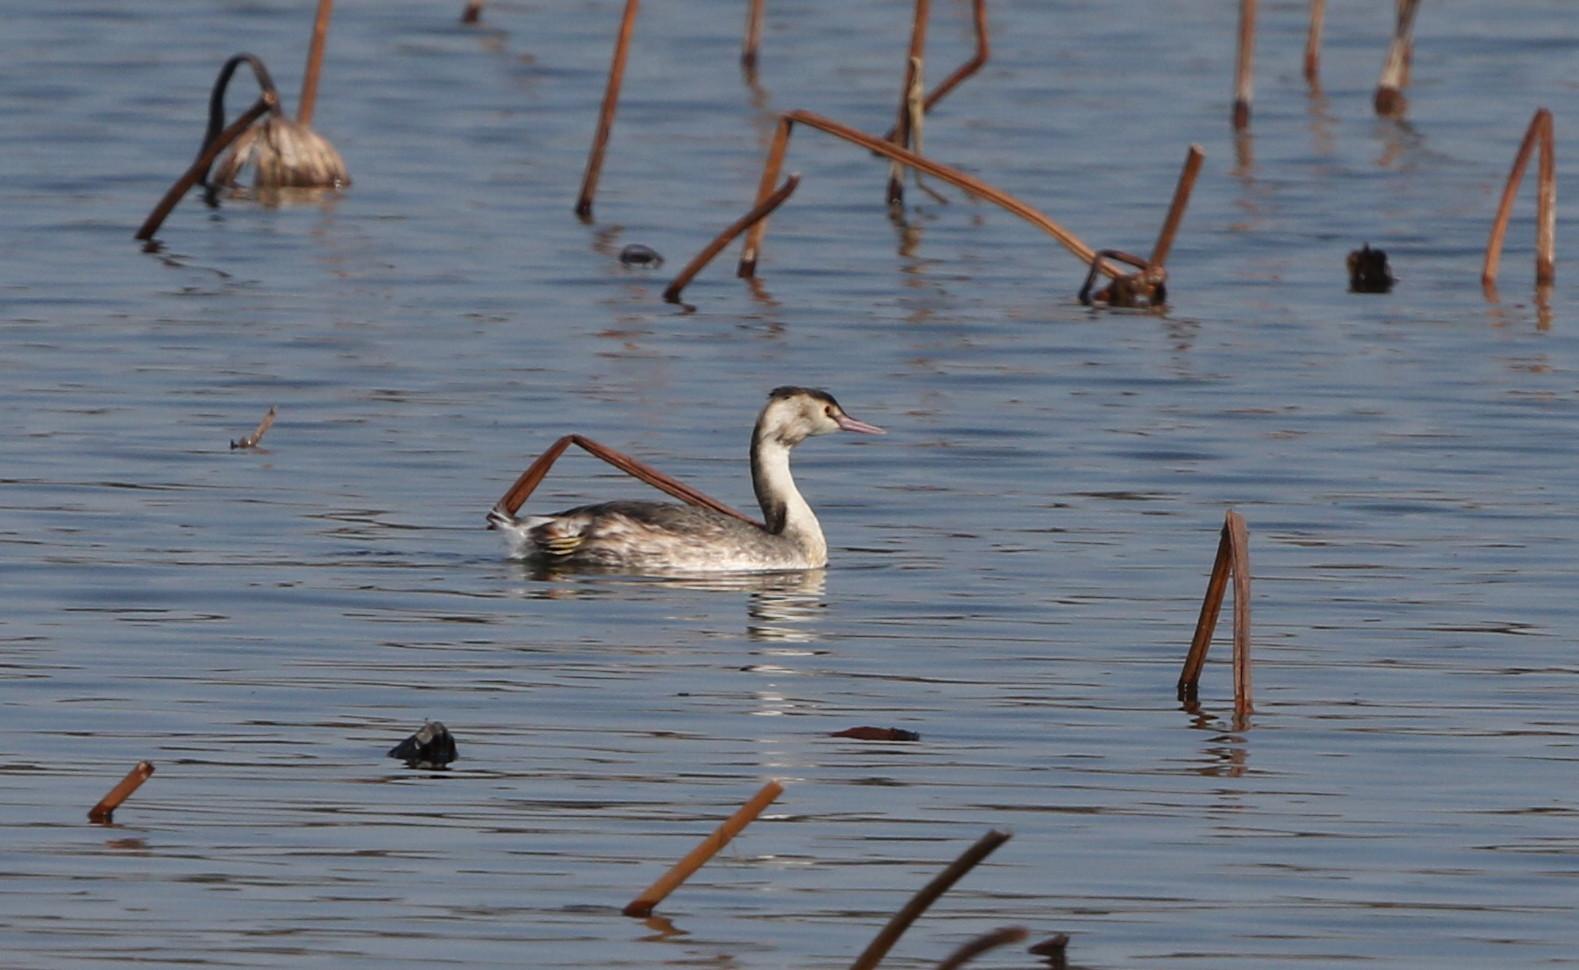 MFの沼で冬鳥(ミコアイサ・カンムリカイツブリを撮る)_f0239515_18145950.jpg